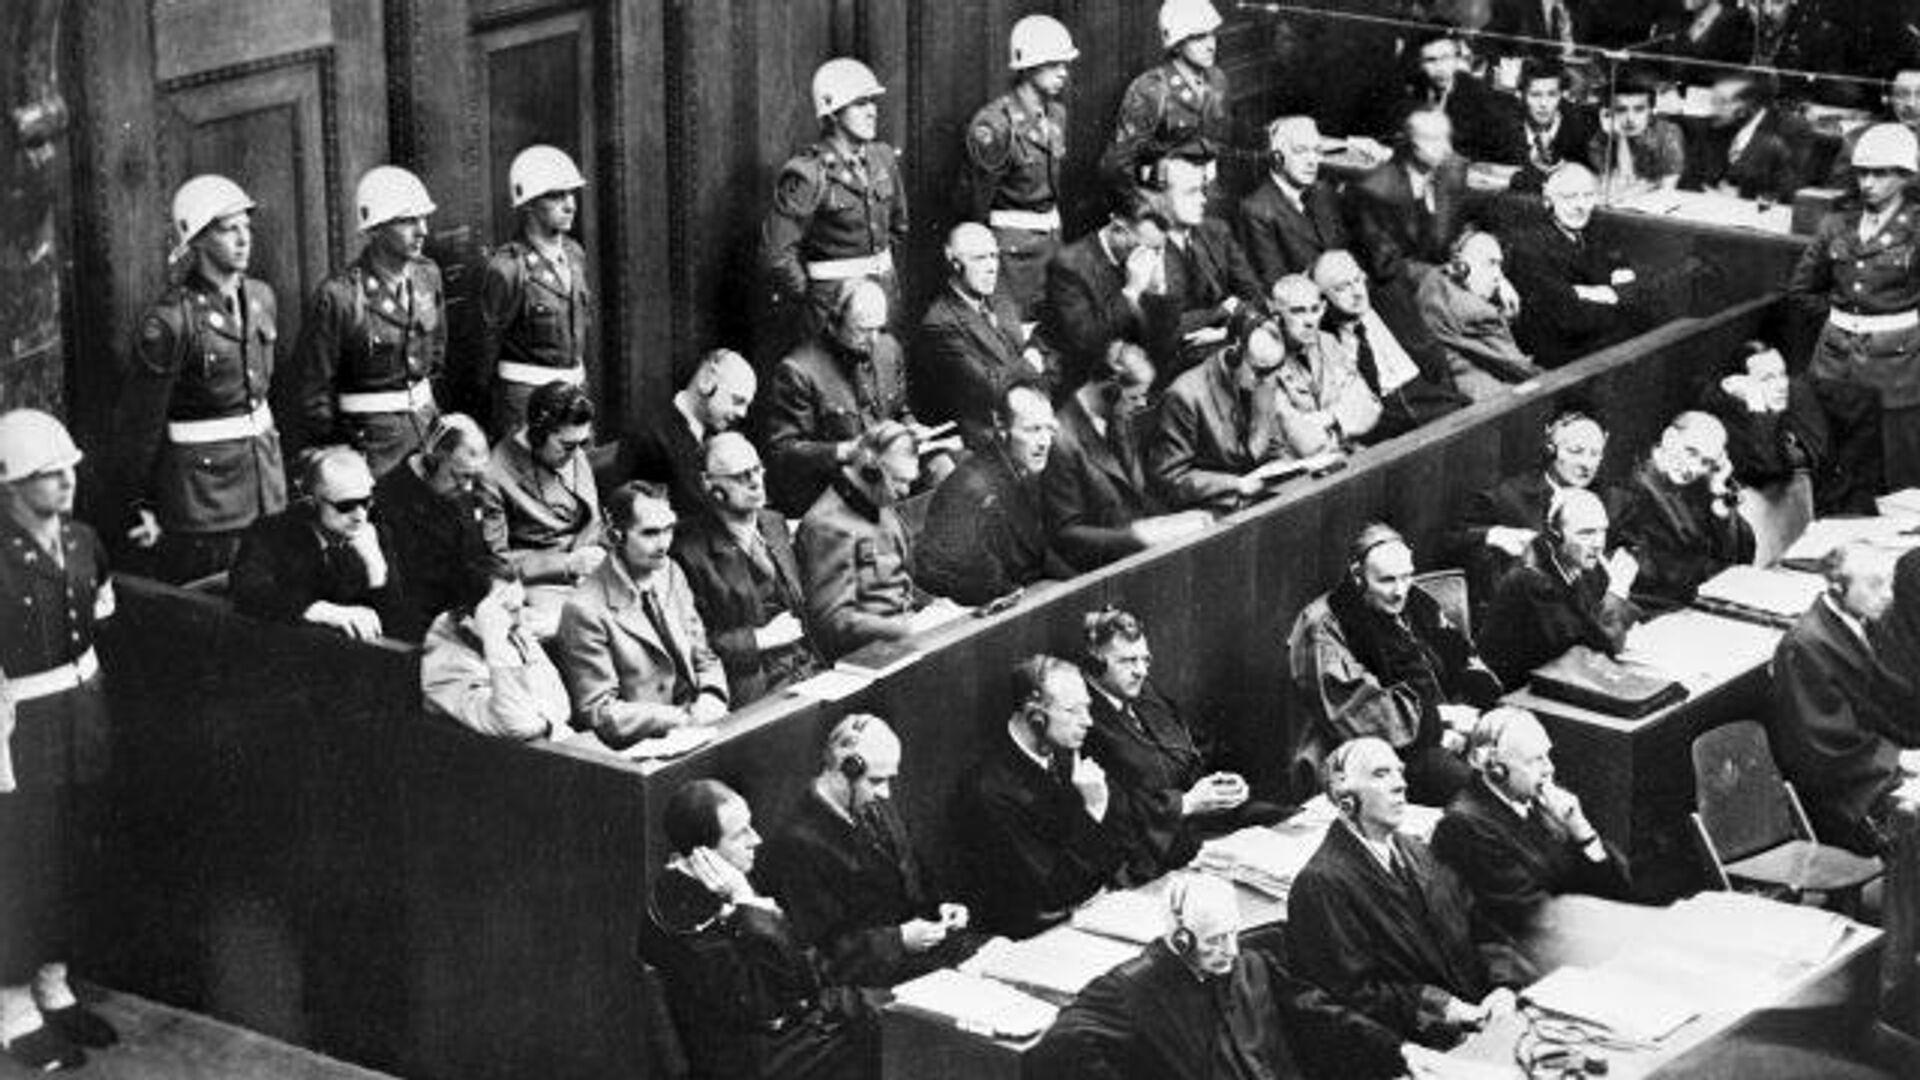 Суд, изменивший мир: 75 лет Нюрнбергскому процессу  - РИА Новости, 1920, 20.11.2020